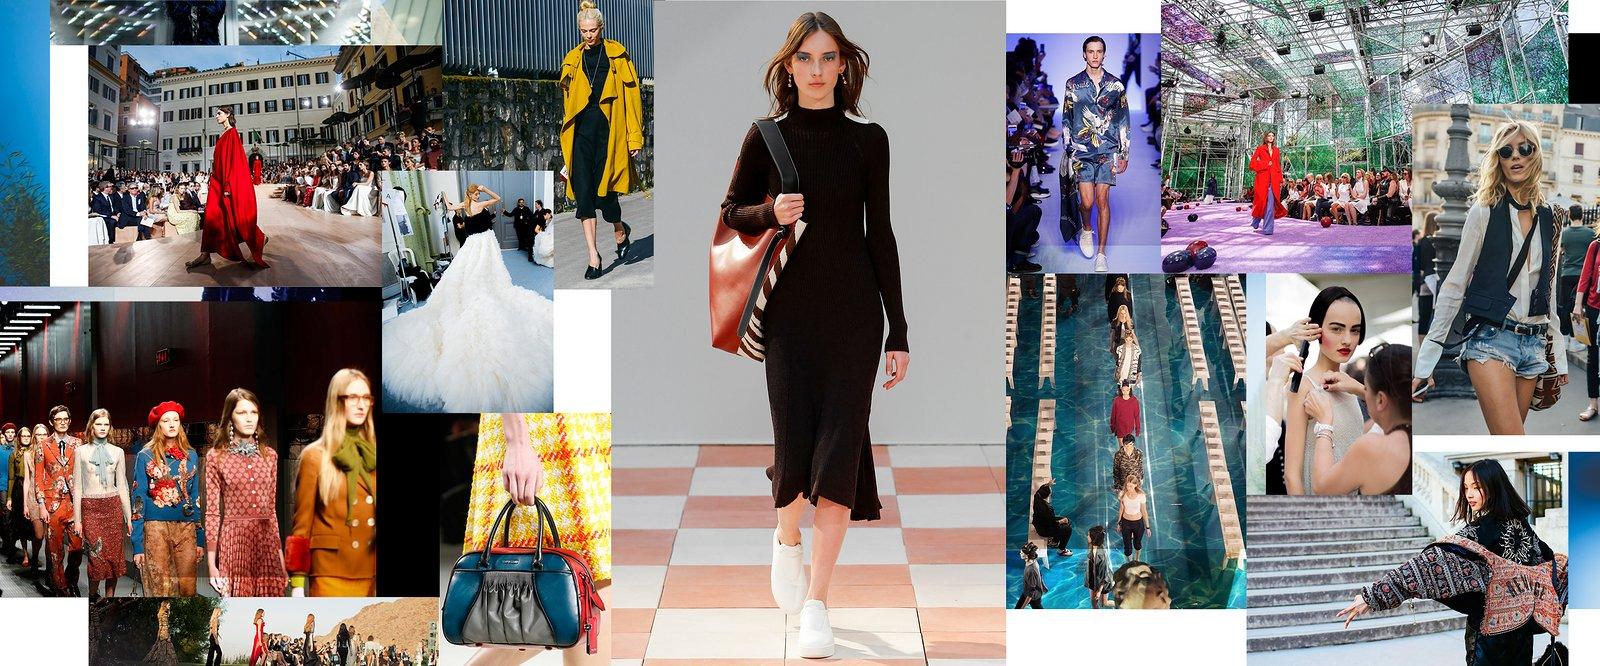 ¿Cómo es Vogue Runway, el sitio que reemplazó a Style.com?